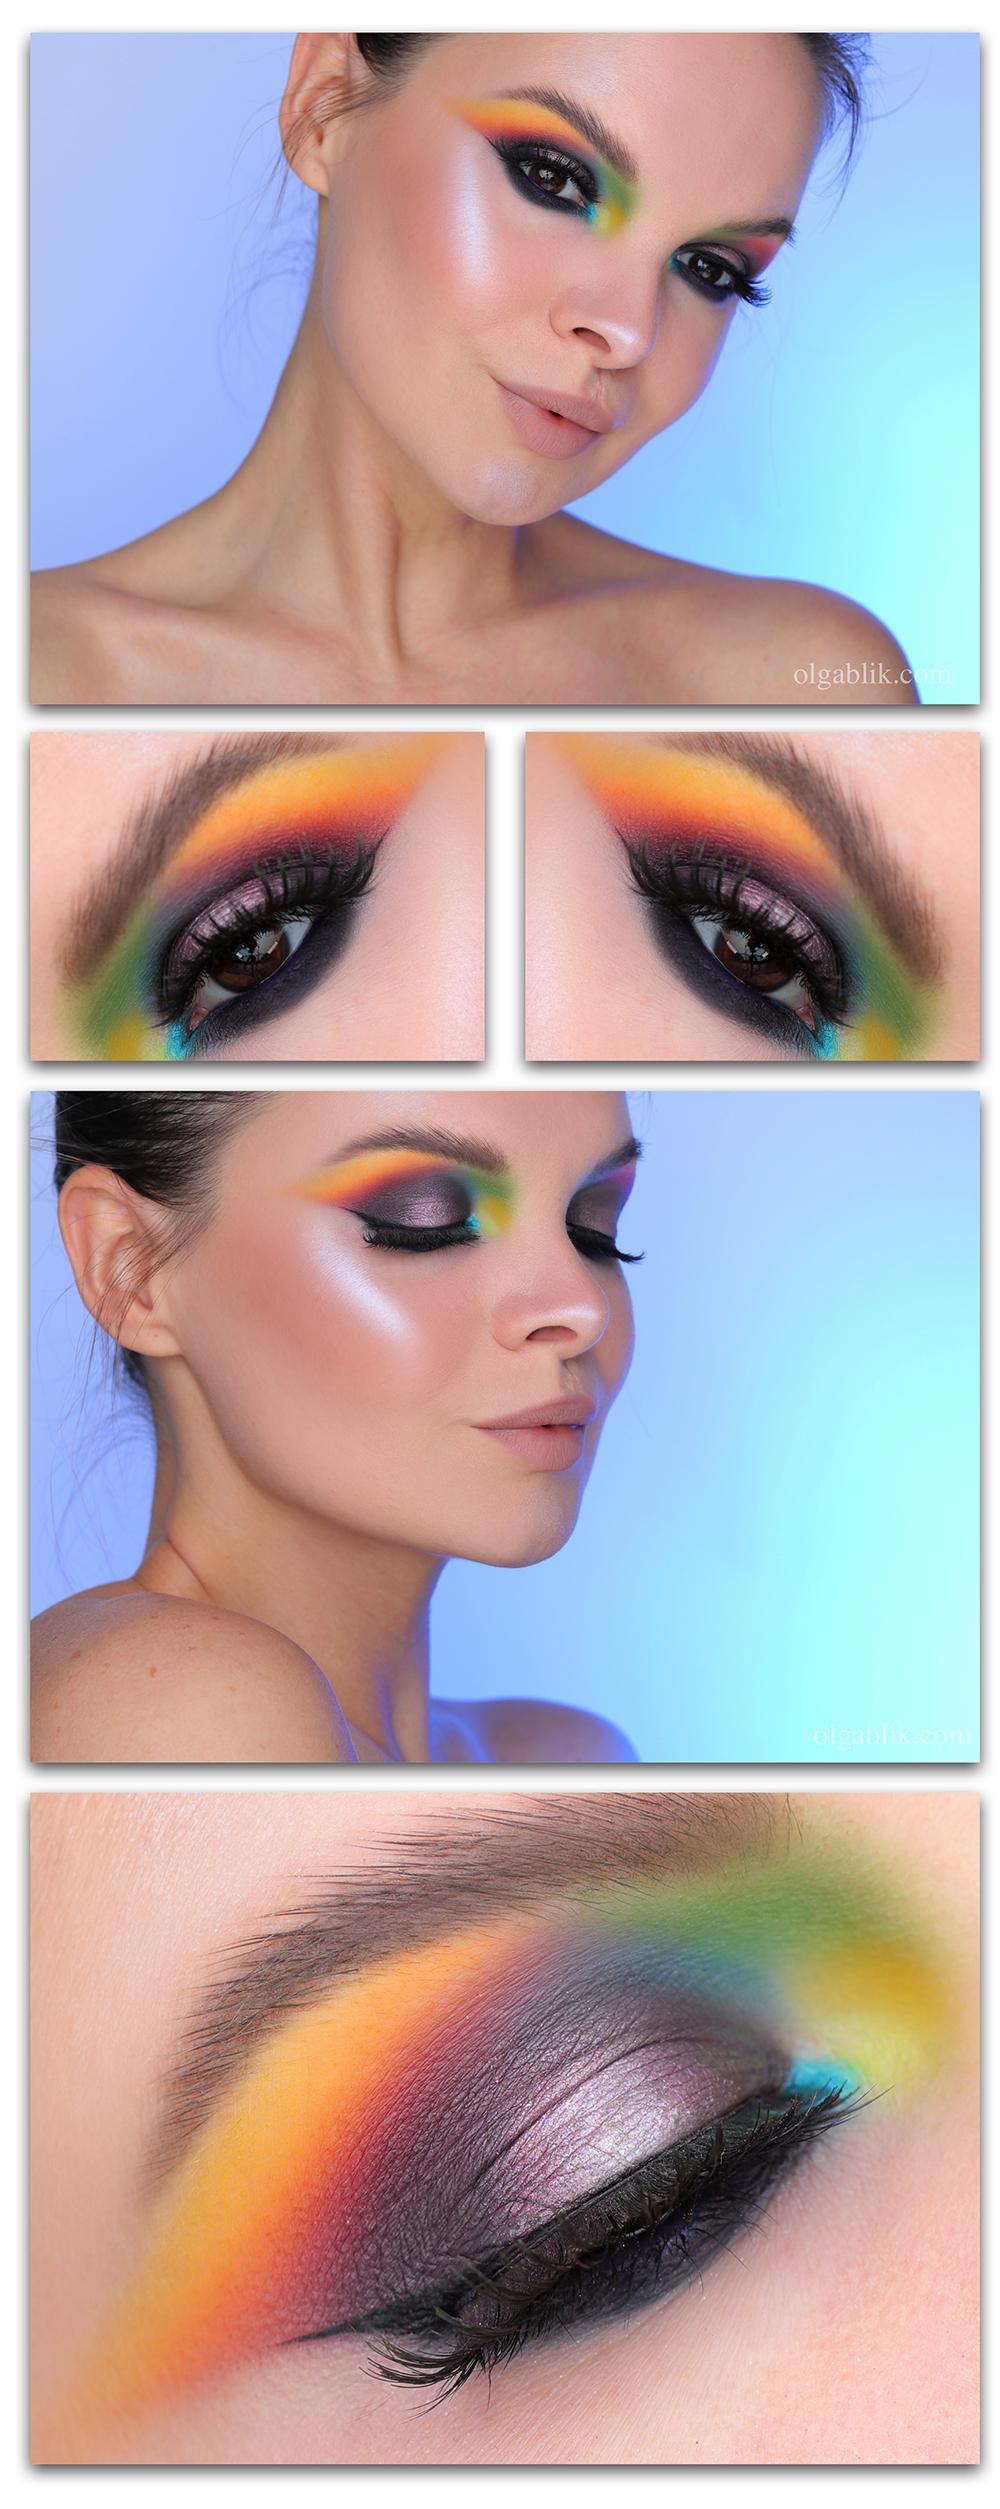 Цветной макияж со стрелками на глазах, макияж со стрелками, цветной макияж глаз